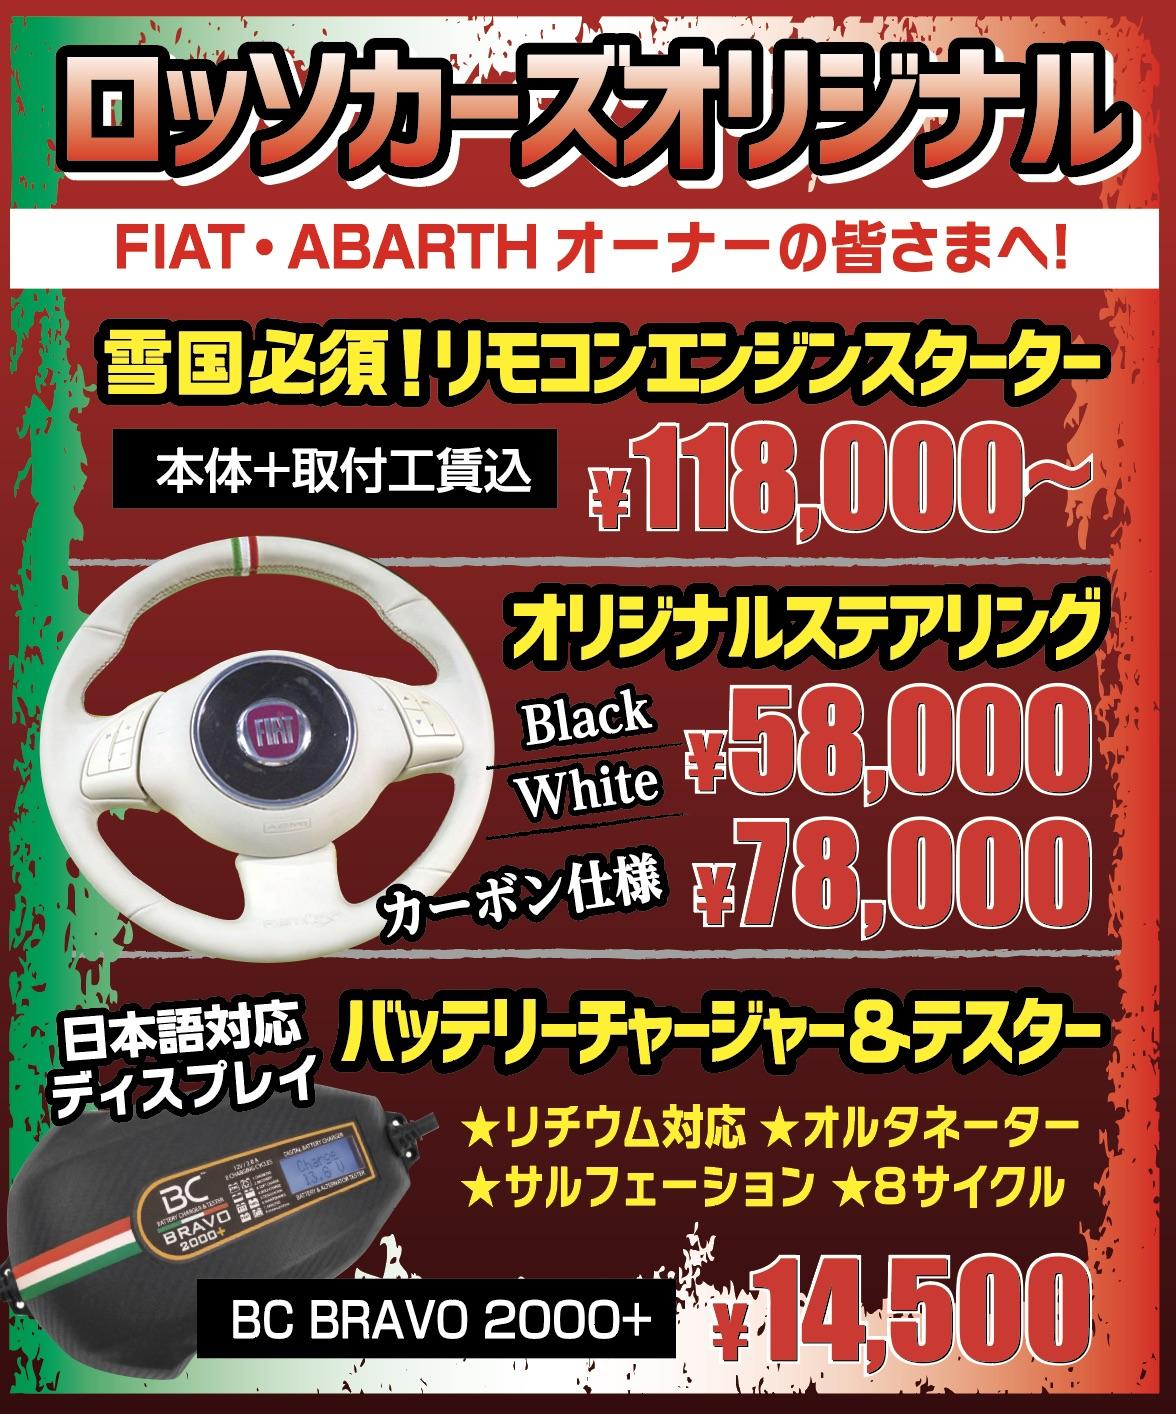 FIAT500 / ABARTH500シリーズの皆さま!